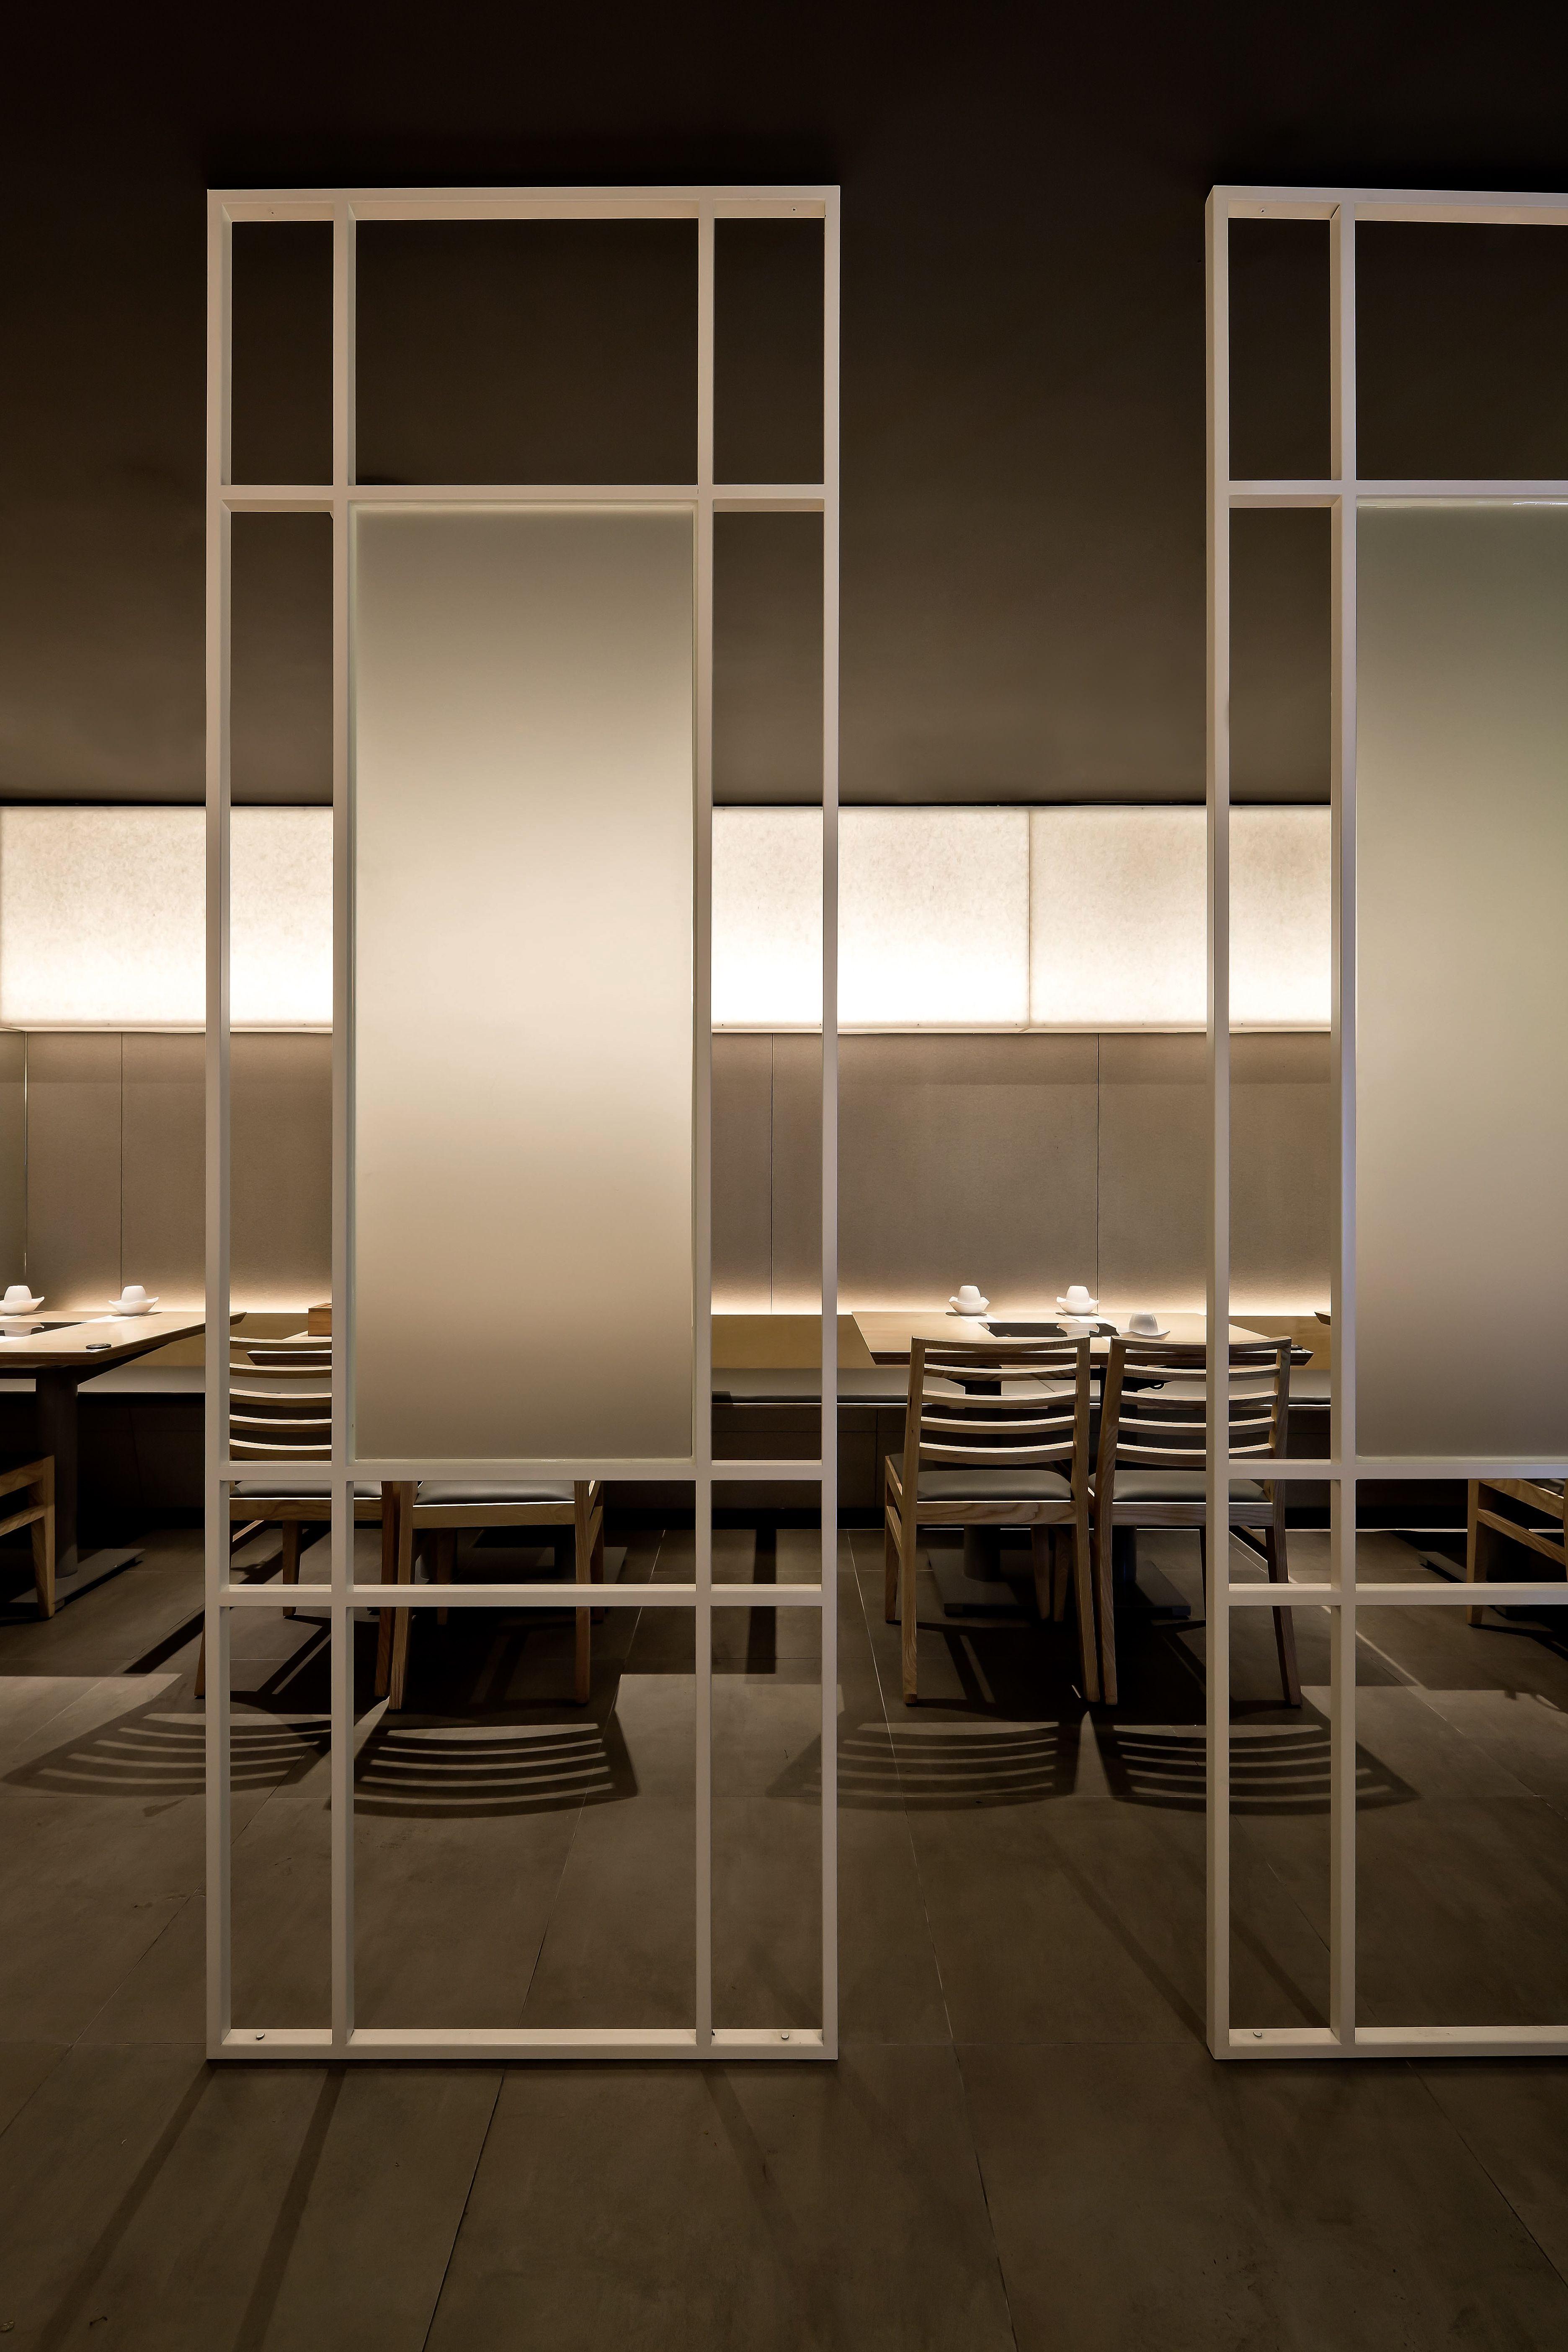 샐러드바 인테리어 / 모던 / 내추럴 / 조명디자인  salad bar / interior design / natural / lighting design  designed by design danaham